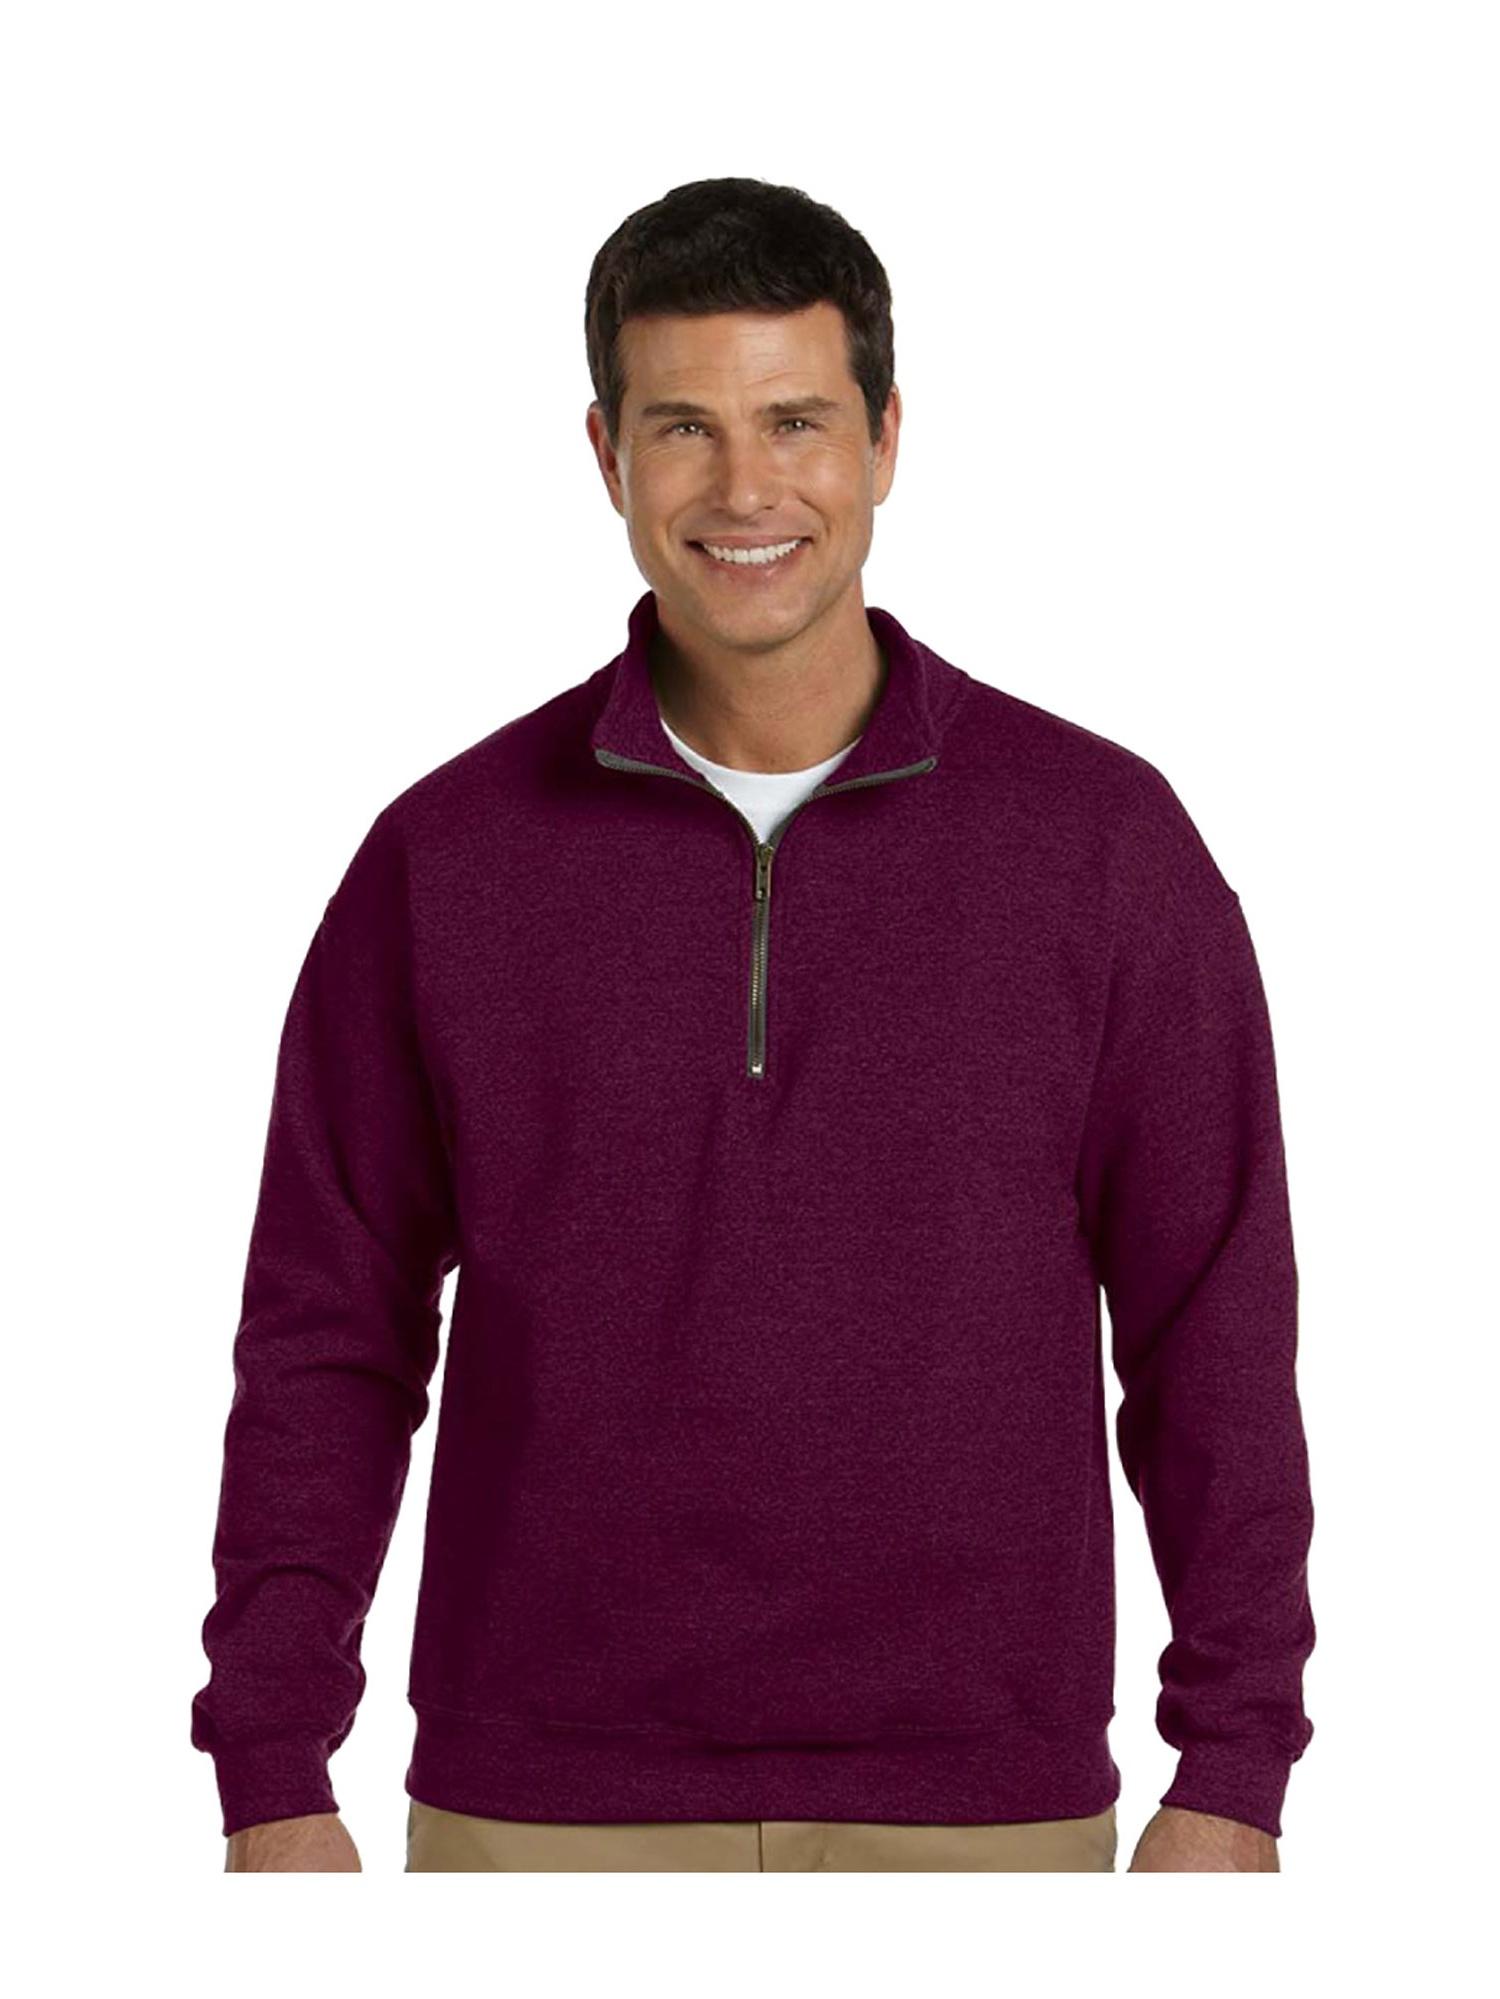 Gildan Men's Contrast Vintage 1/4 Zip Cadet Collar Sweatshirt, Style G18800